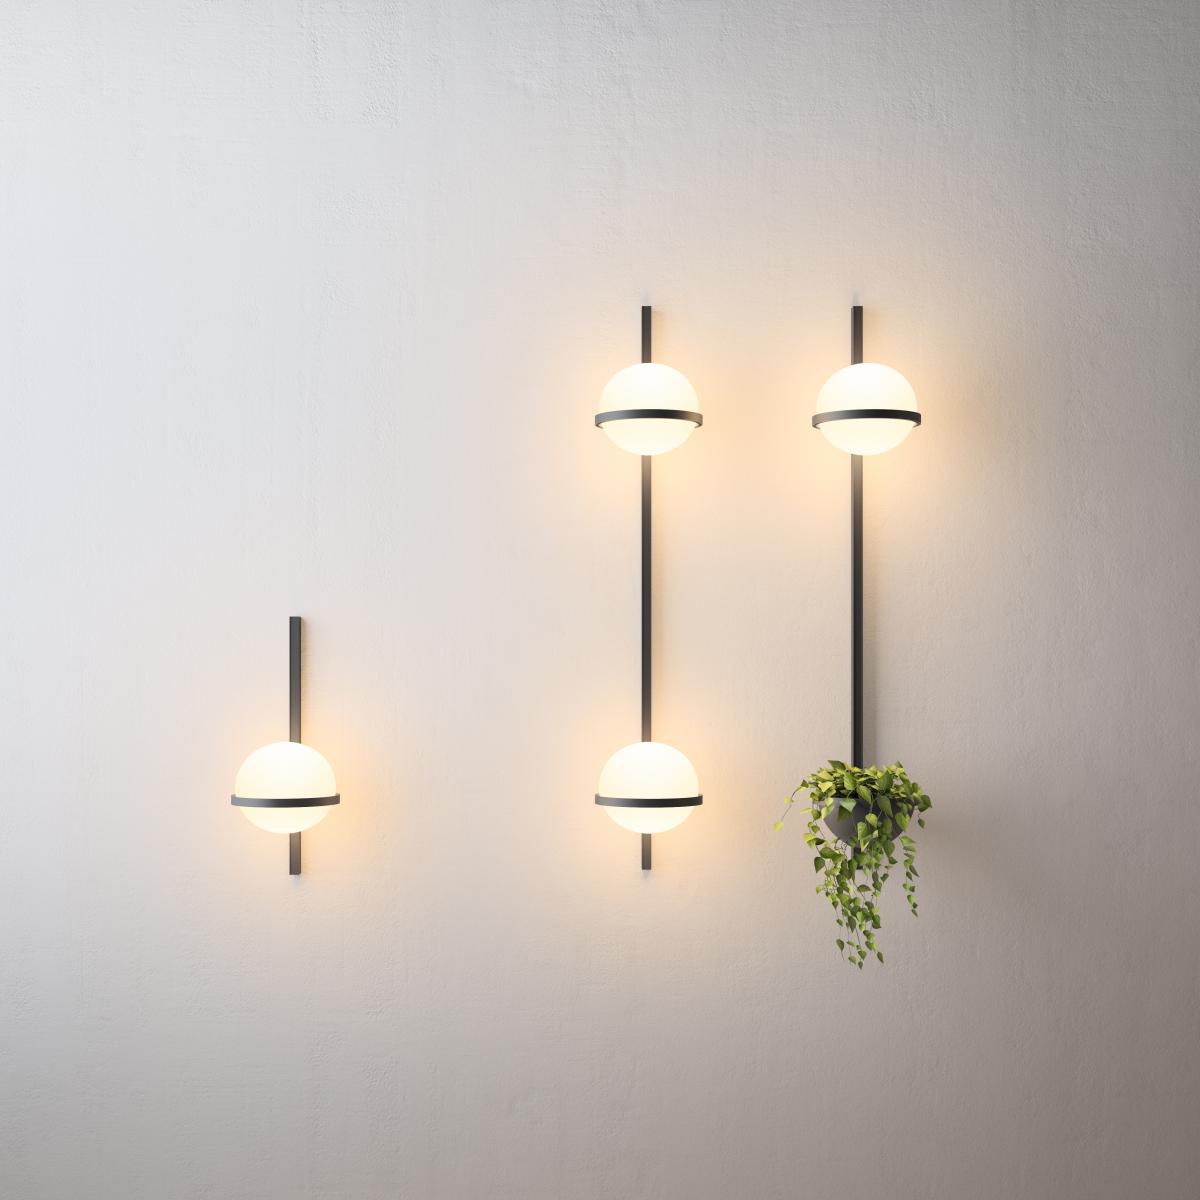 Nástěnné světlo v podobě koulí